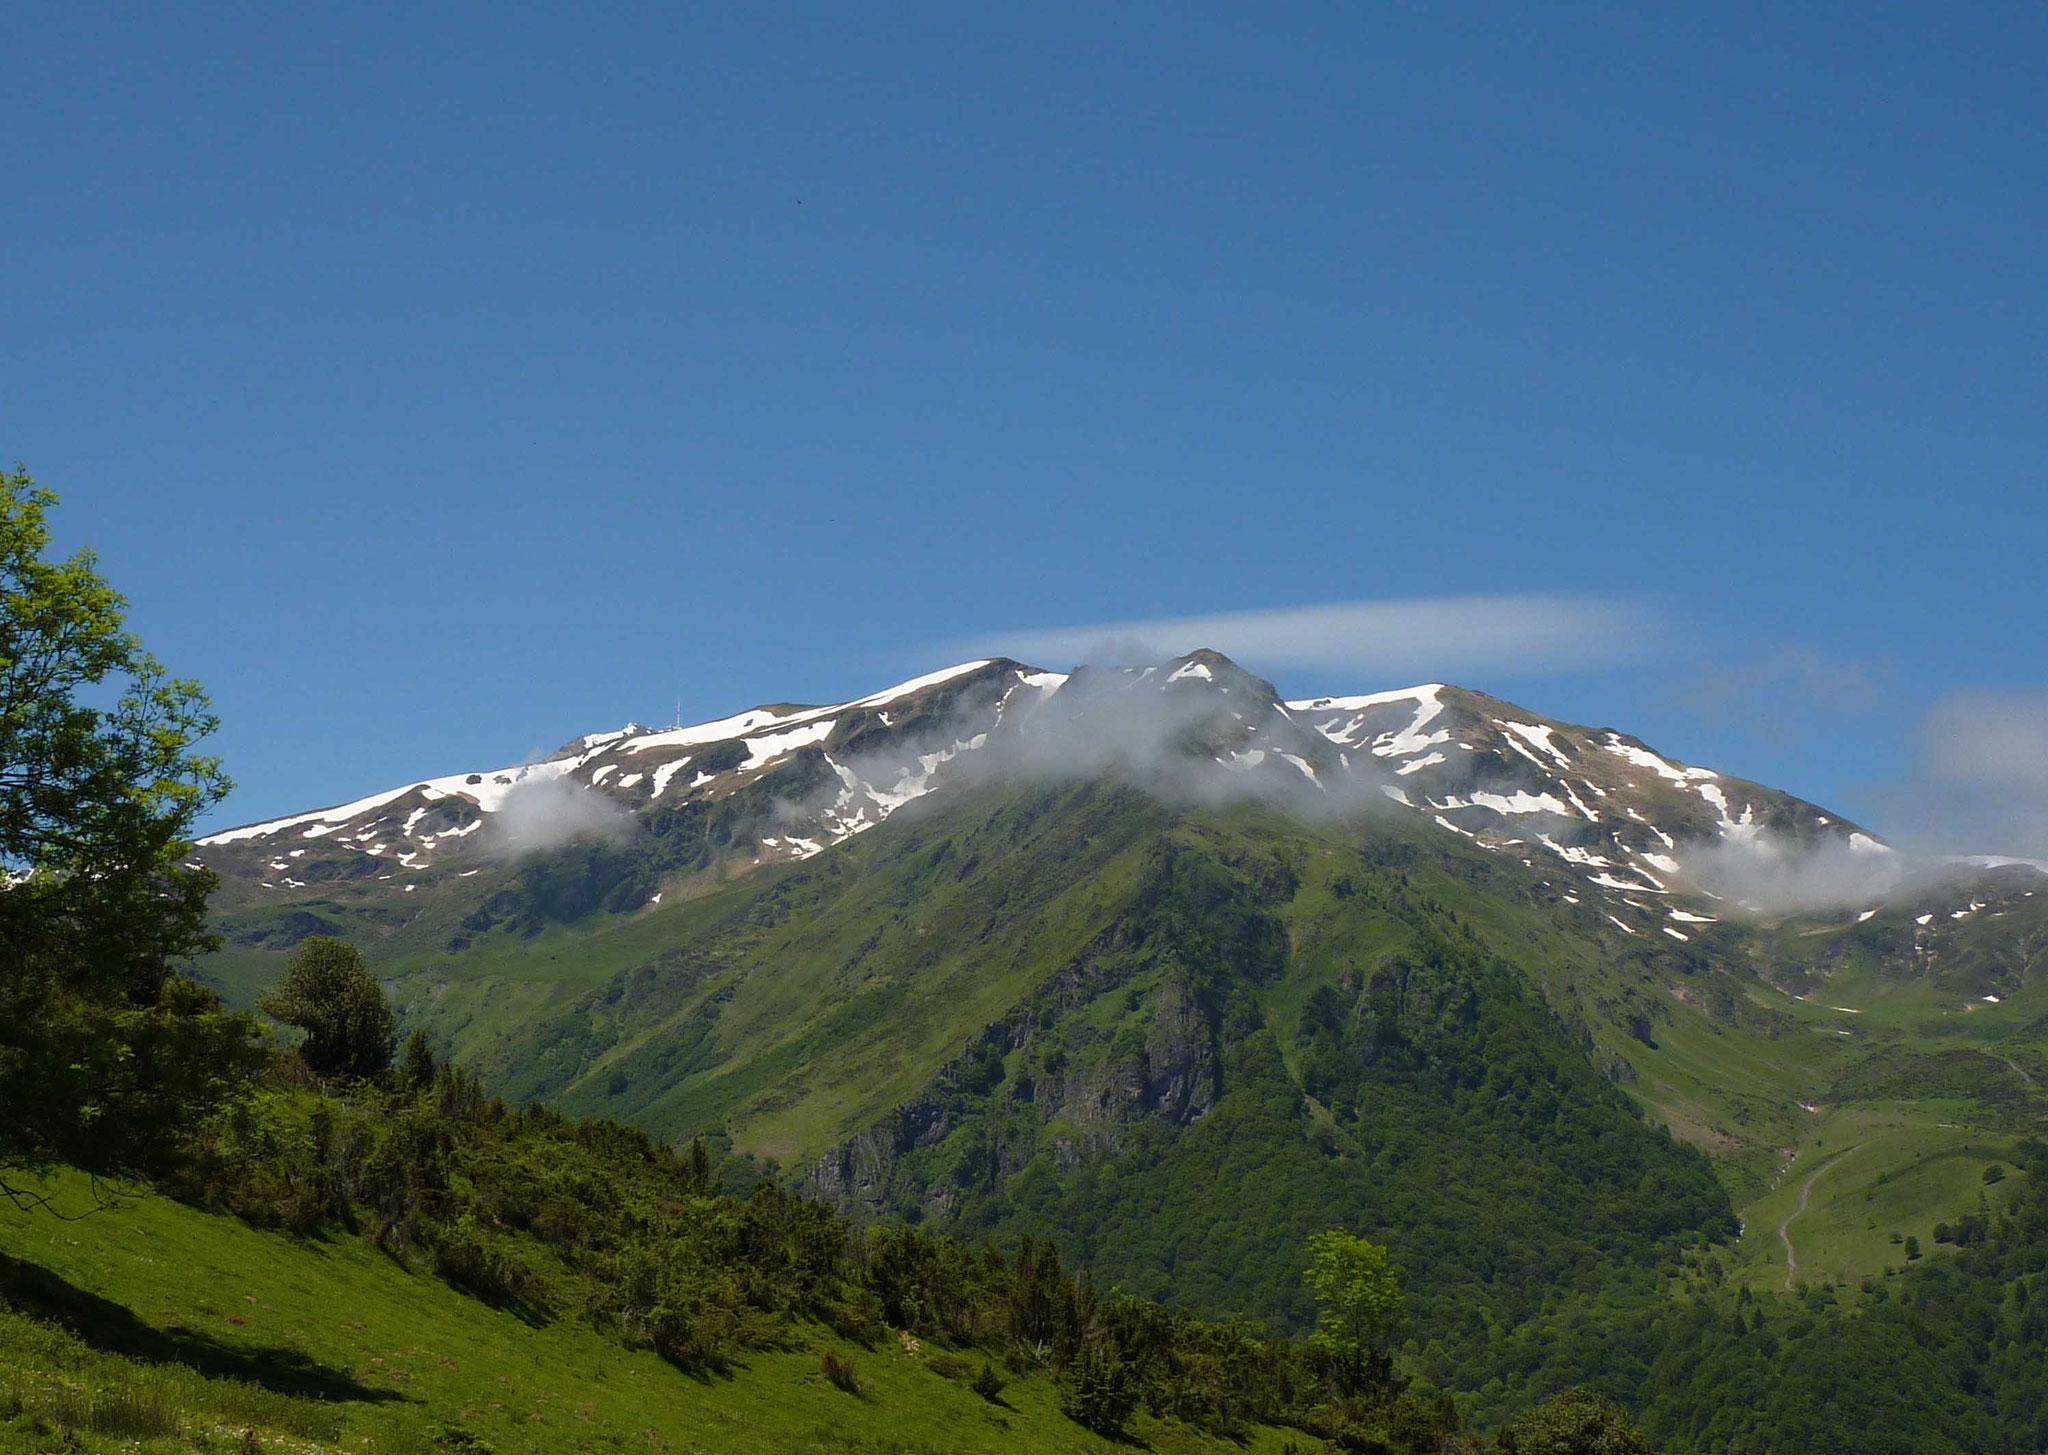 Les sommets avoisinant le pic du Midi de Bigorre